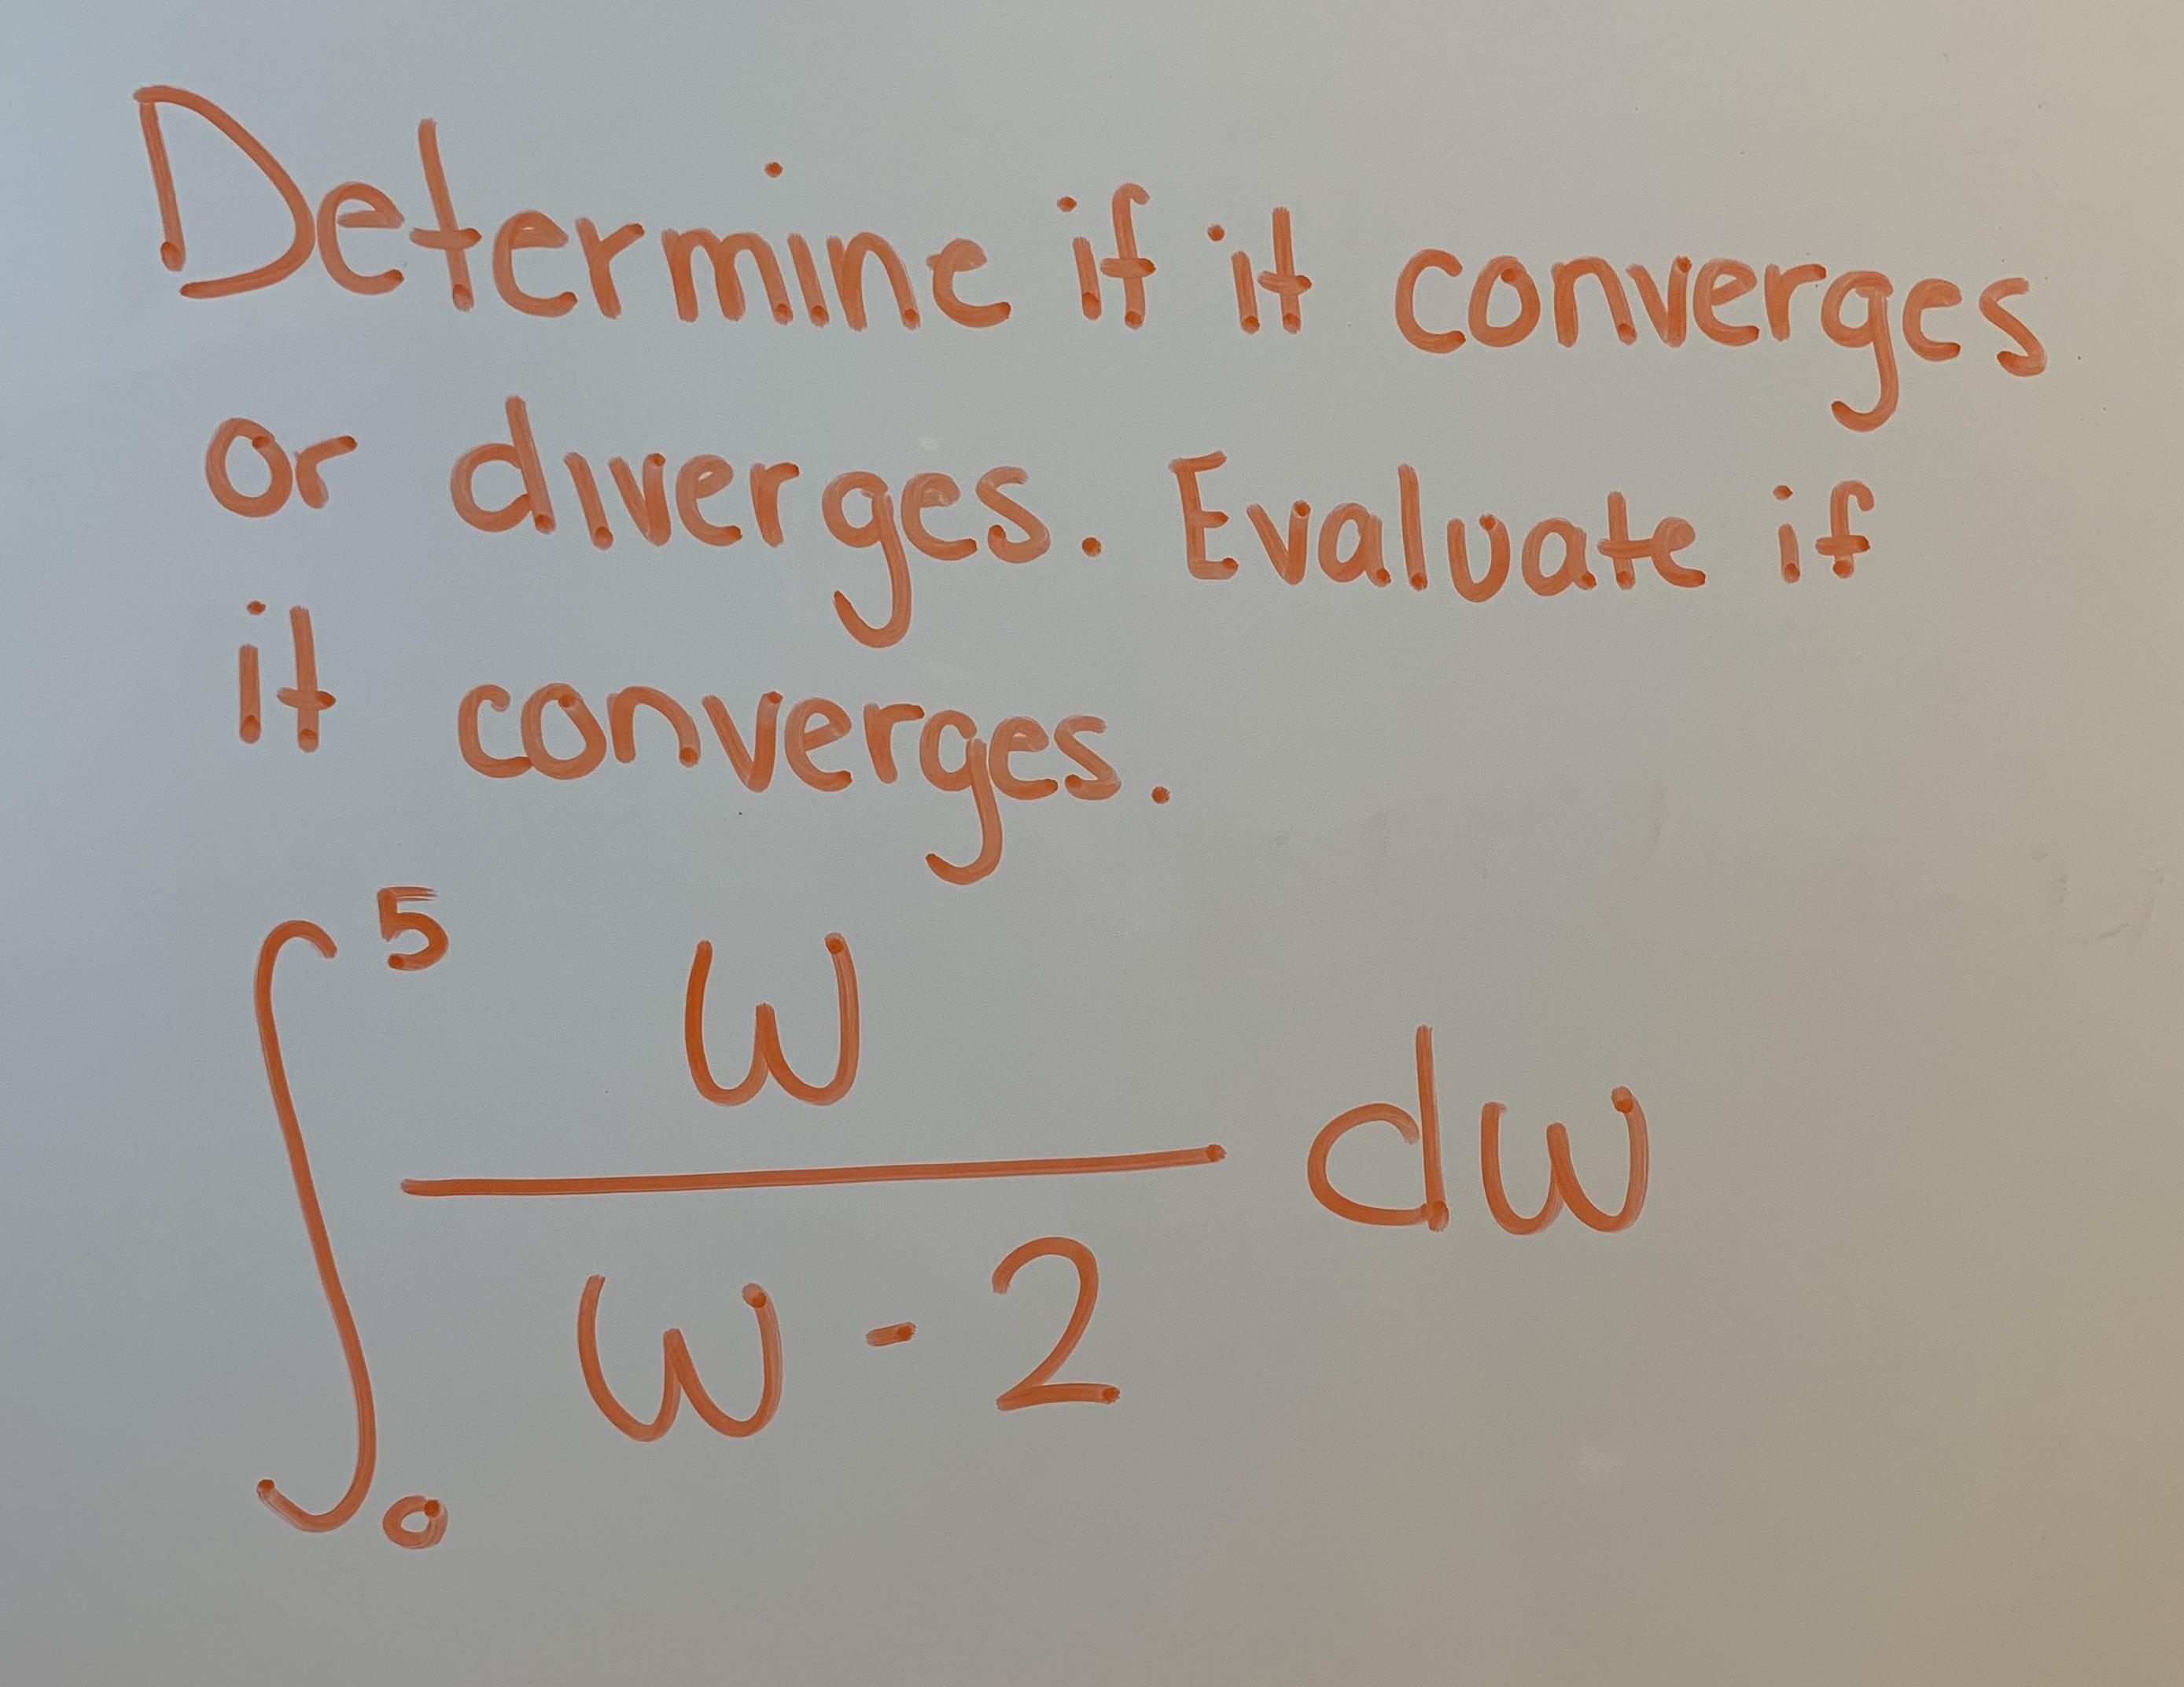 Determine if it converącs or dweraes. Evaloate if it converges 5 dw